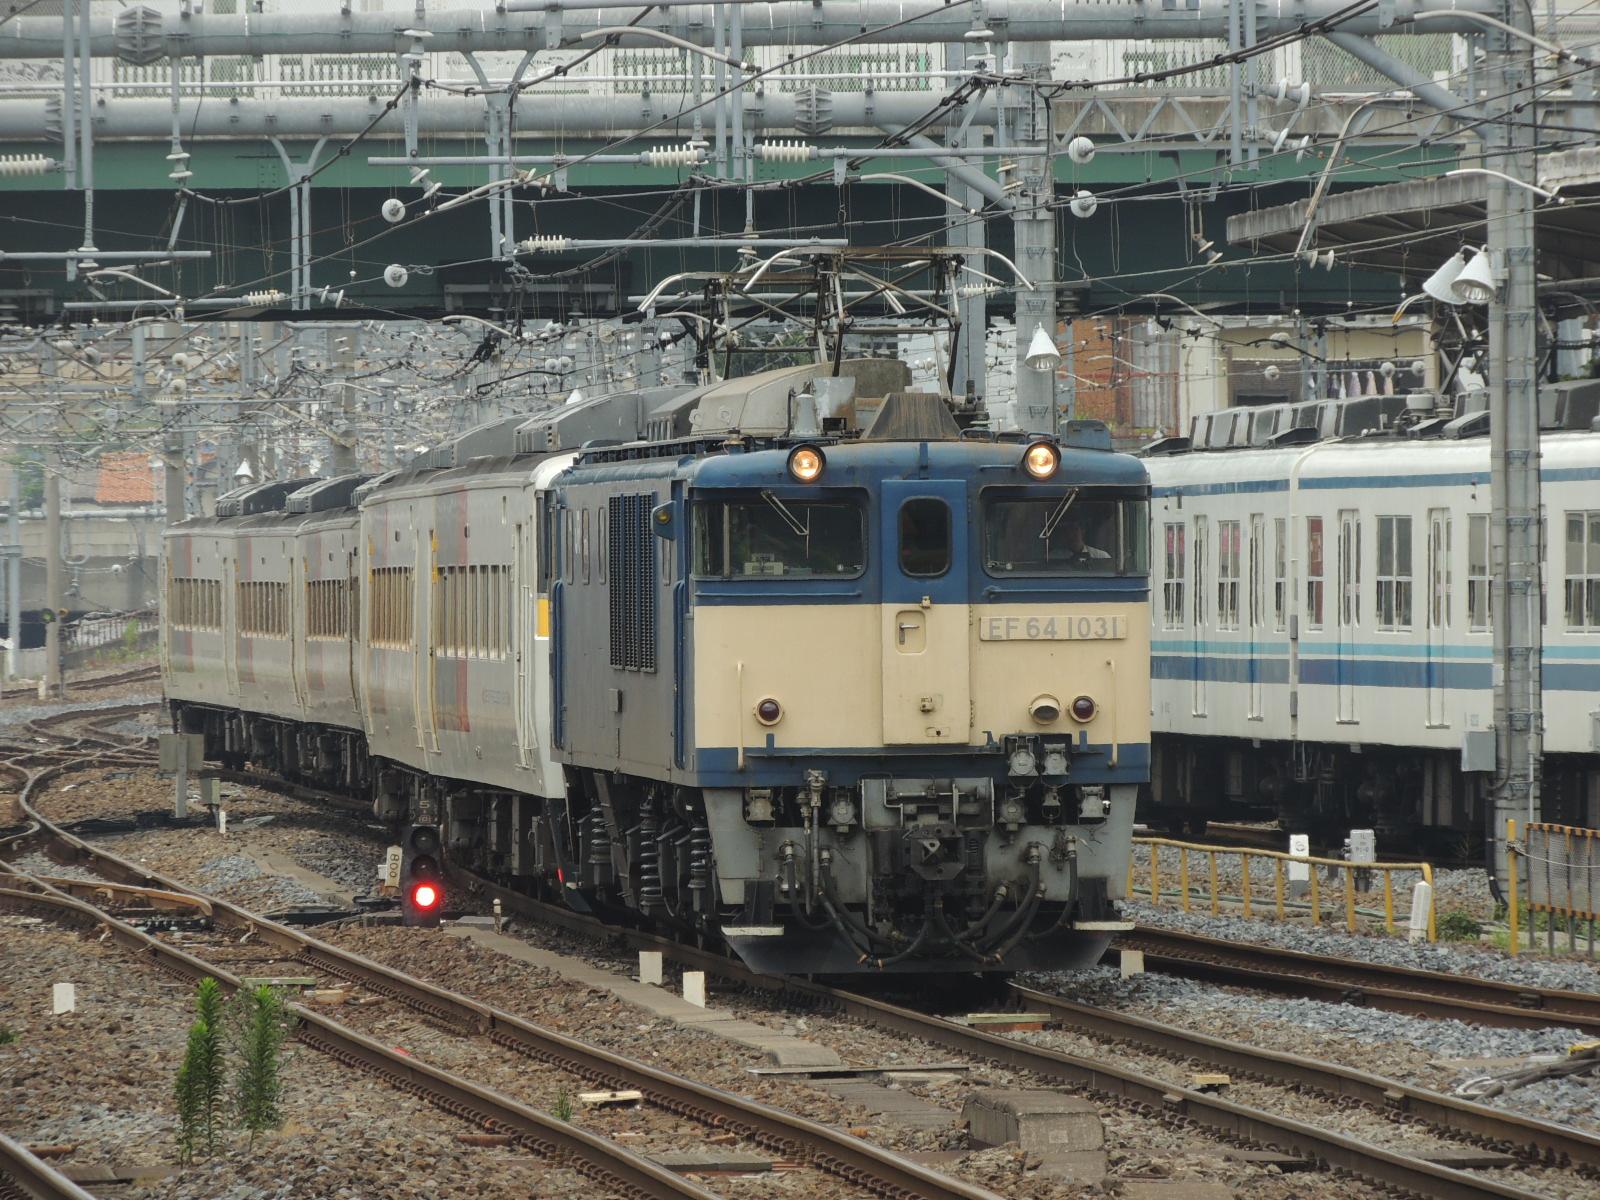 DSCN8457.jpg